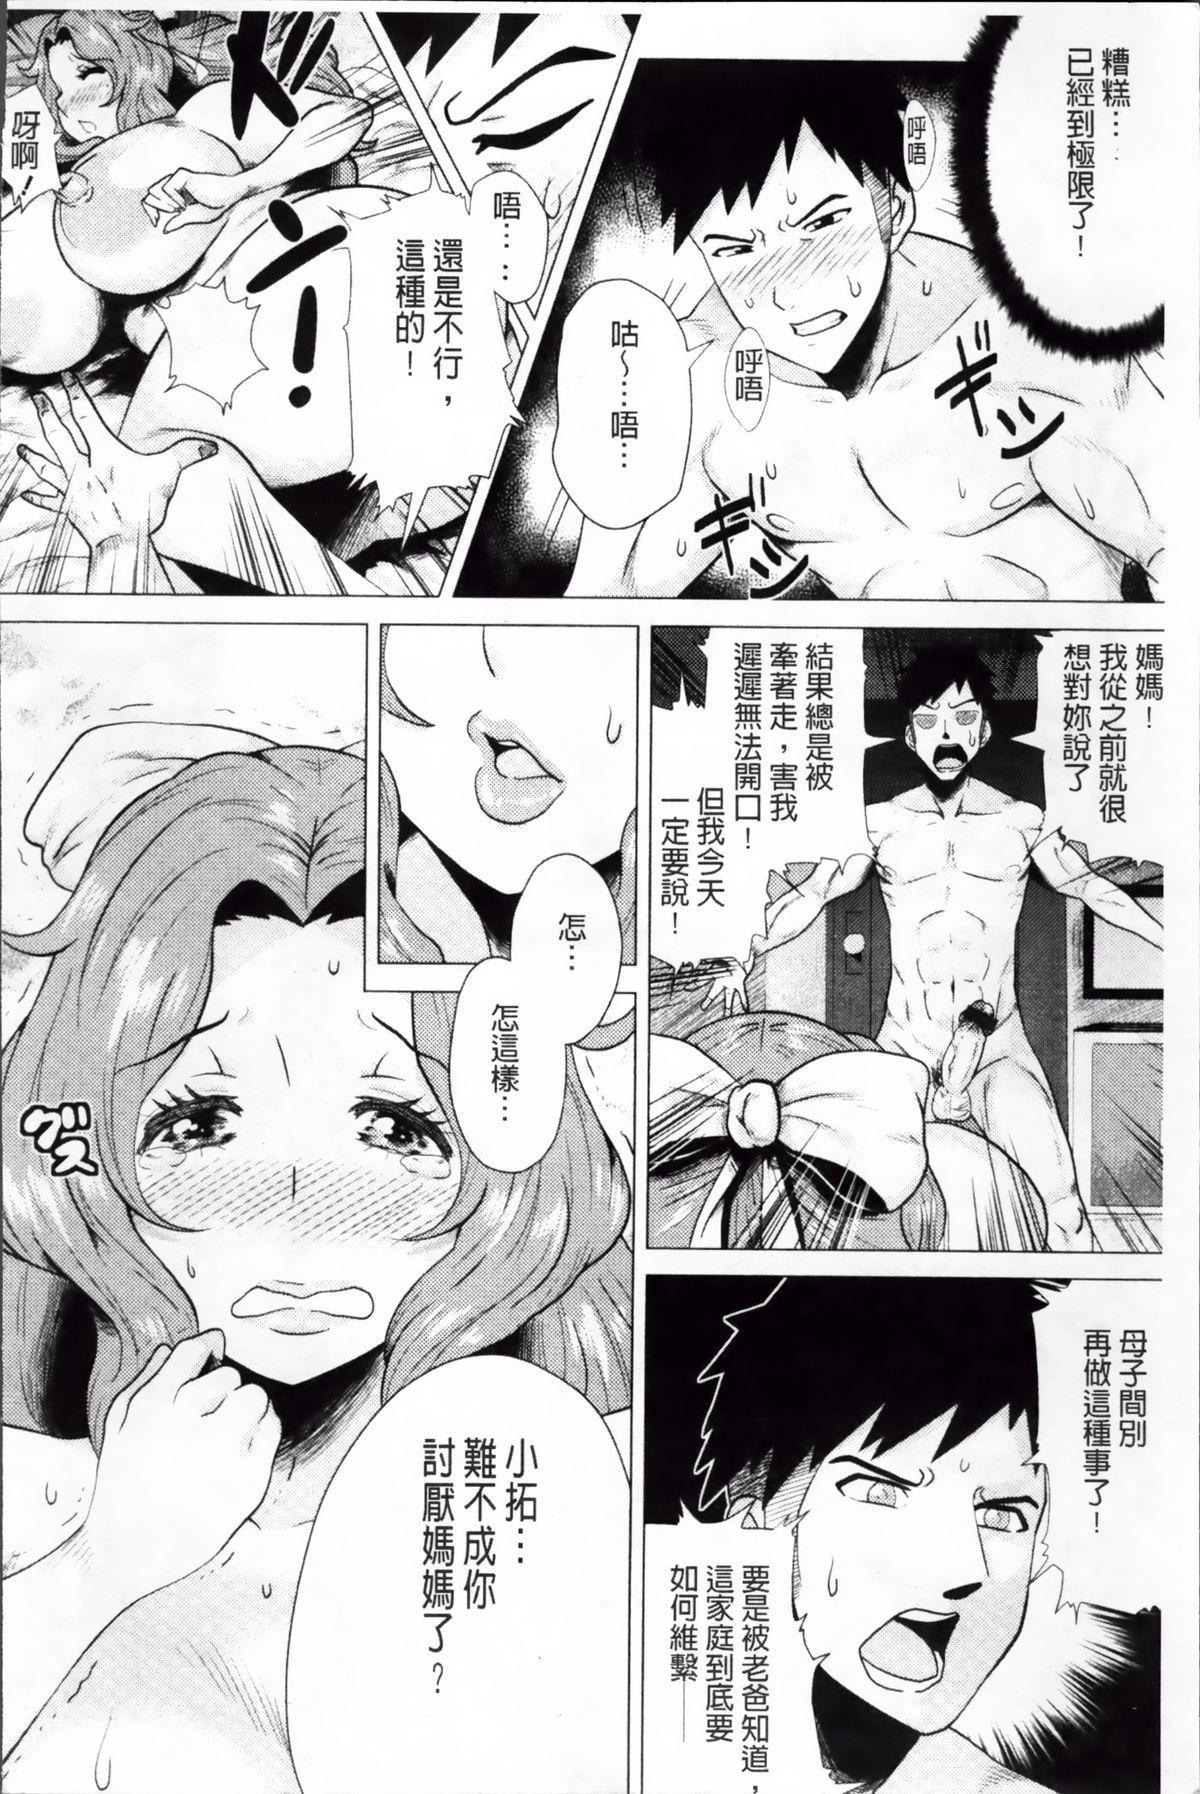 Megabody Night - Watashi no Oniku o Meshiagare 25